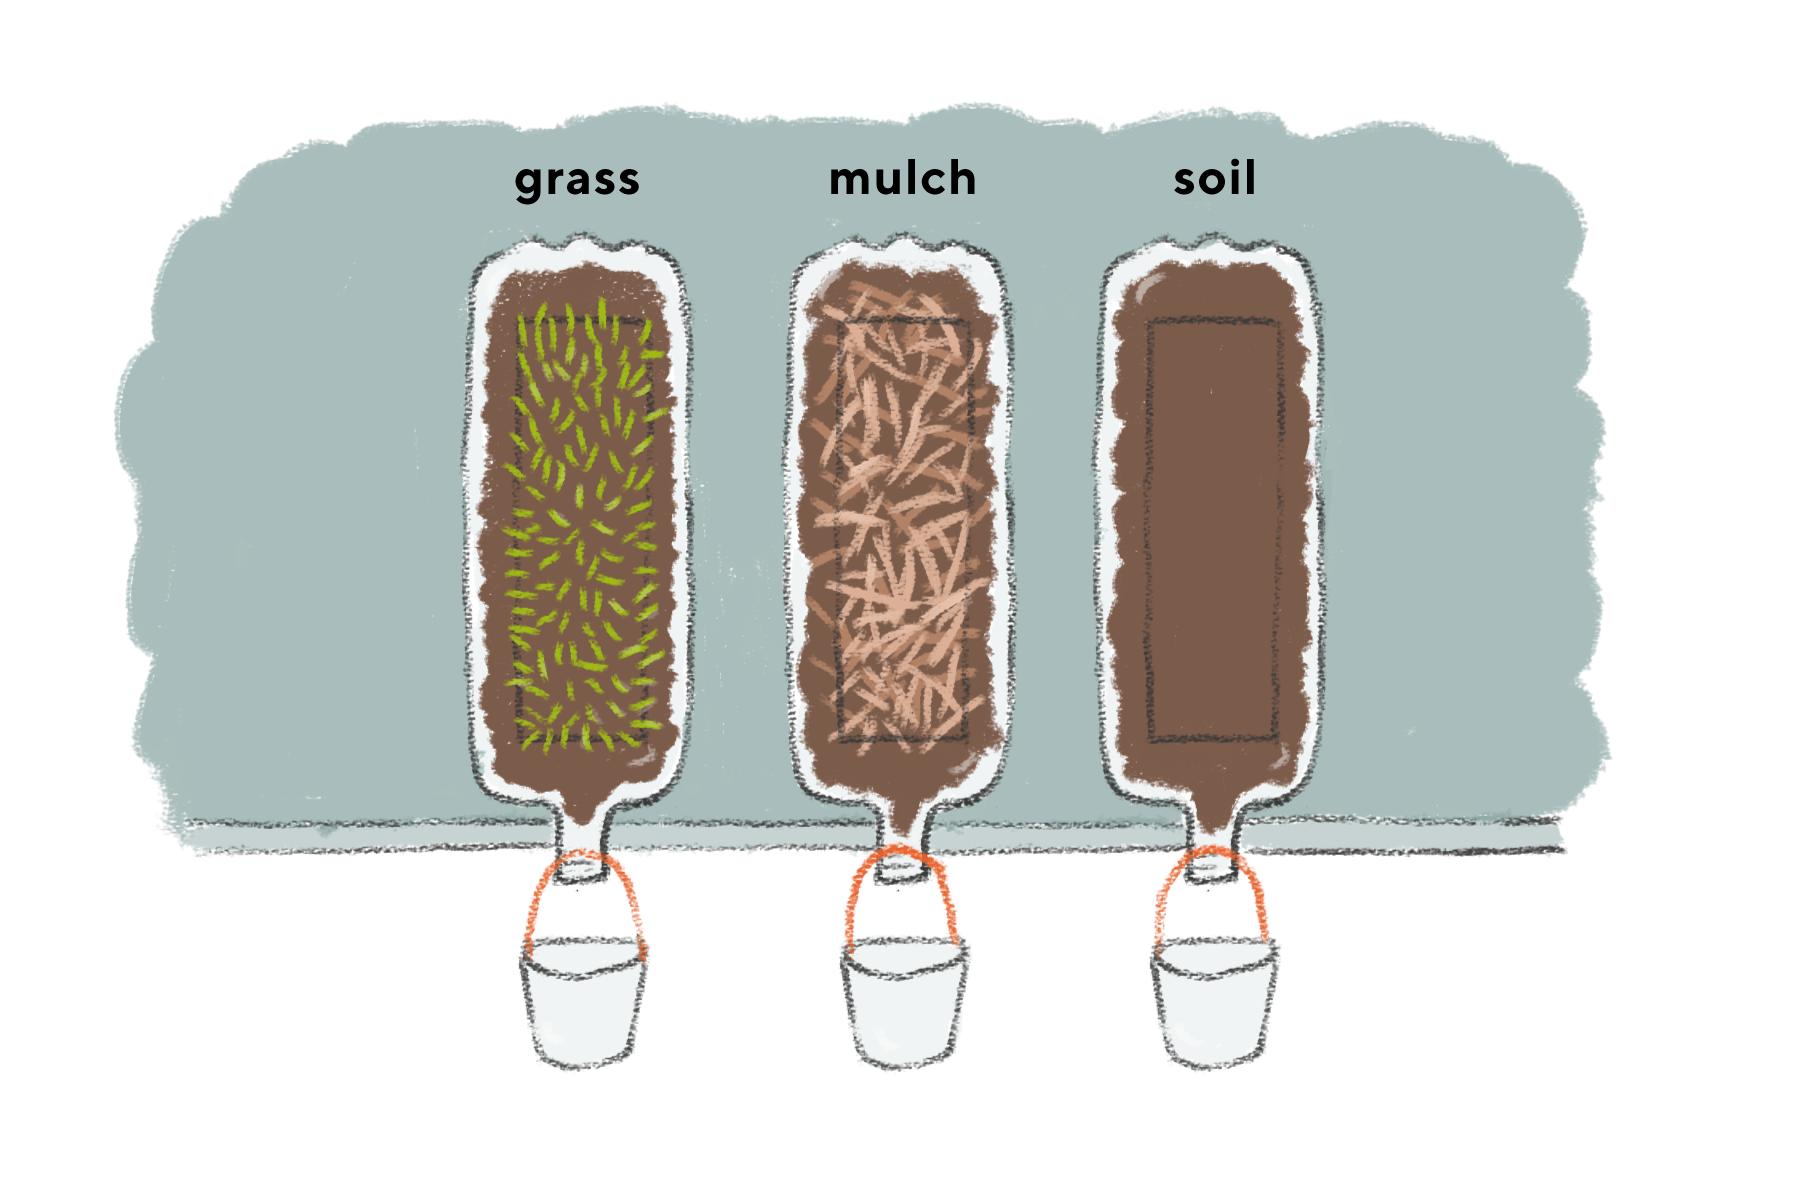 Explore Soil Erosion